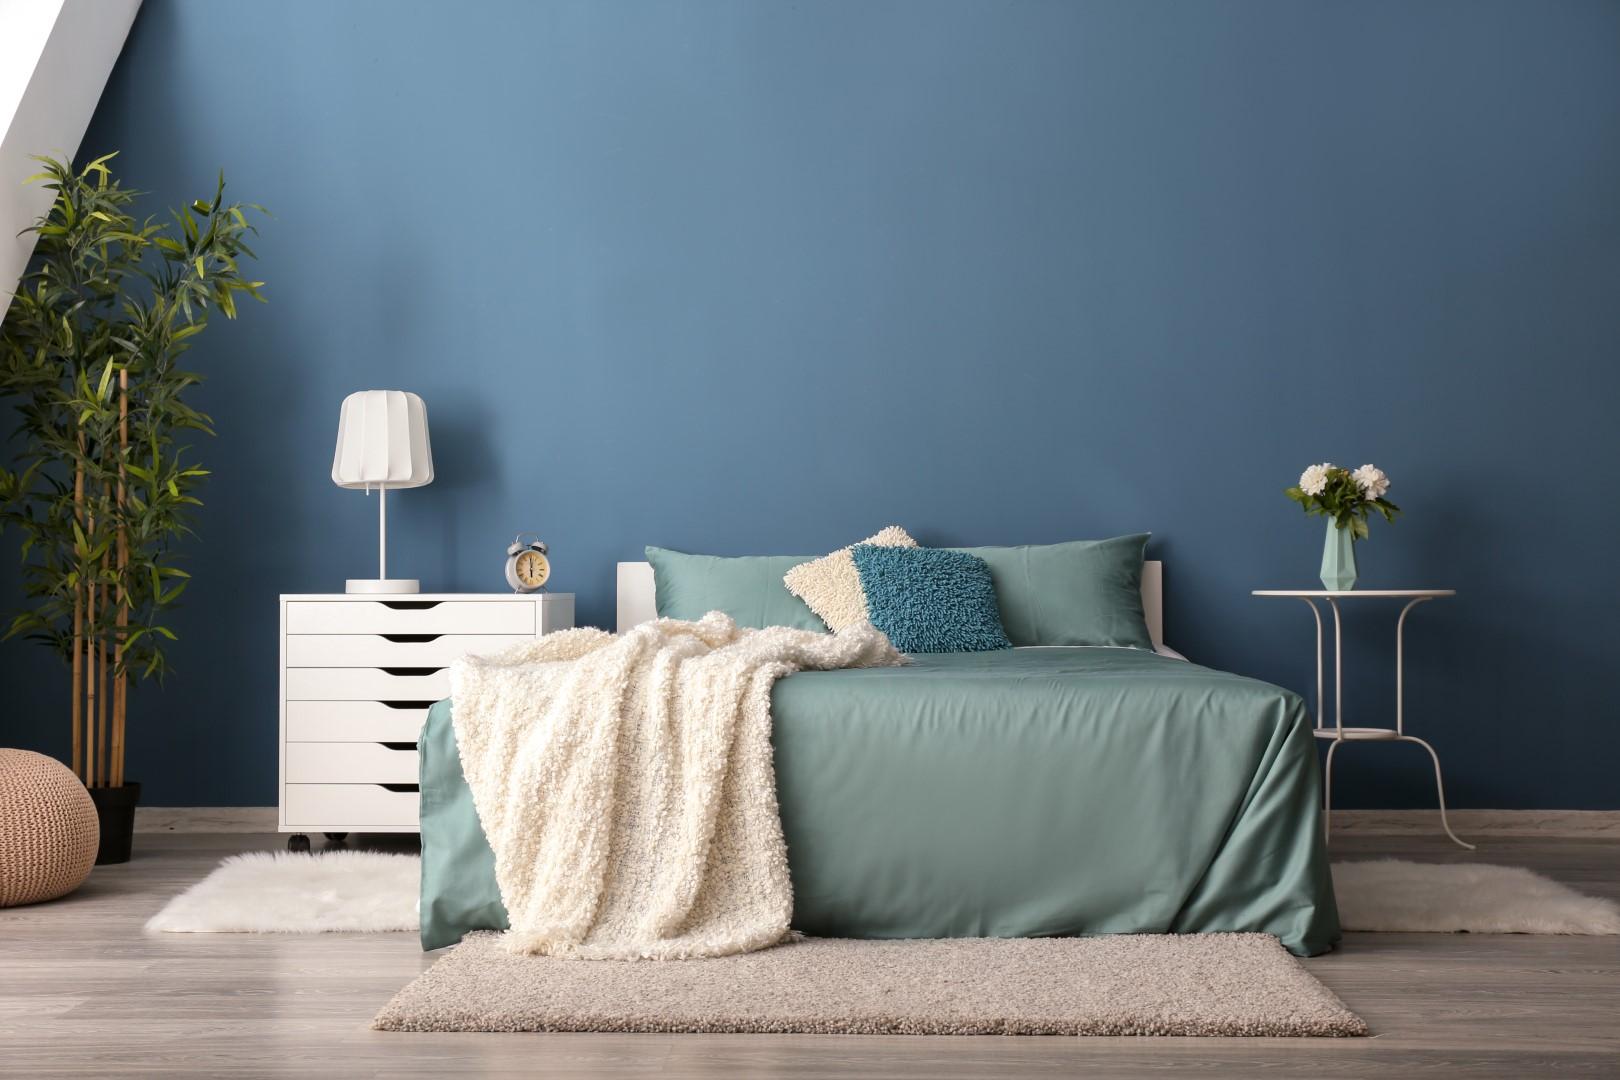 choisir la couleur d'une chambre